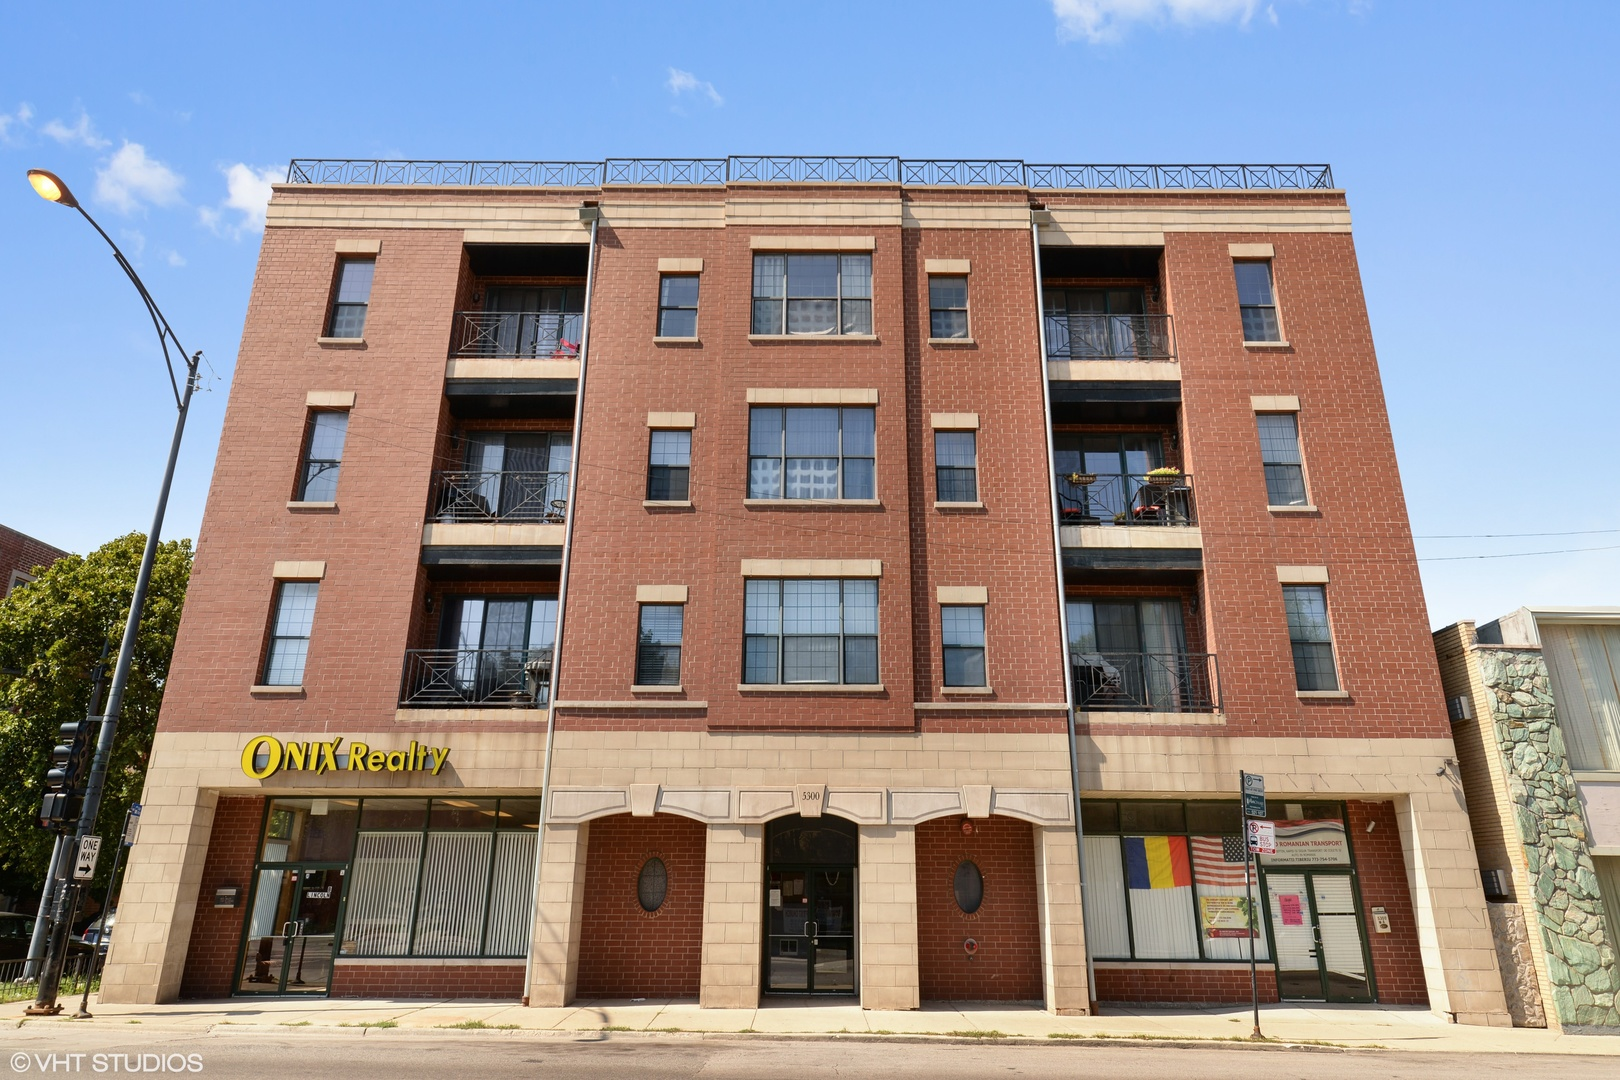 Lincoln Square Real Estate: Chicago IL Homes for Sale